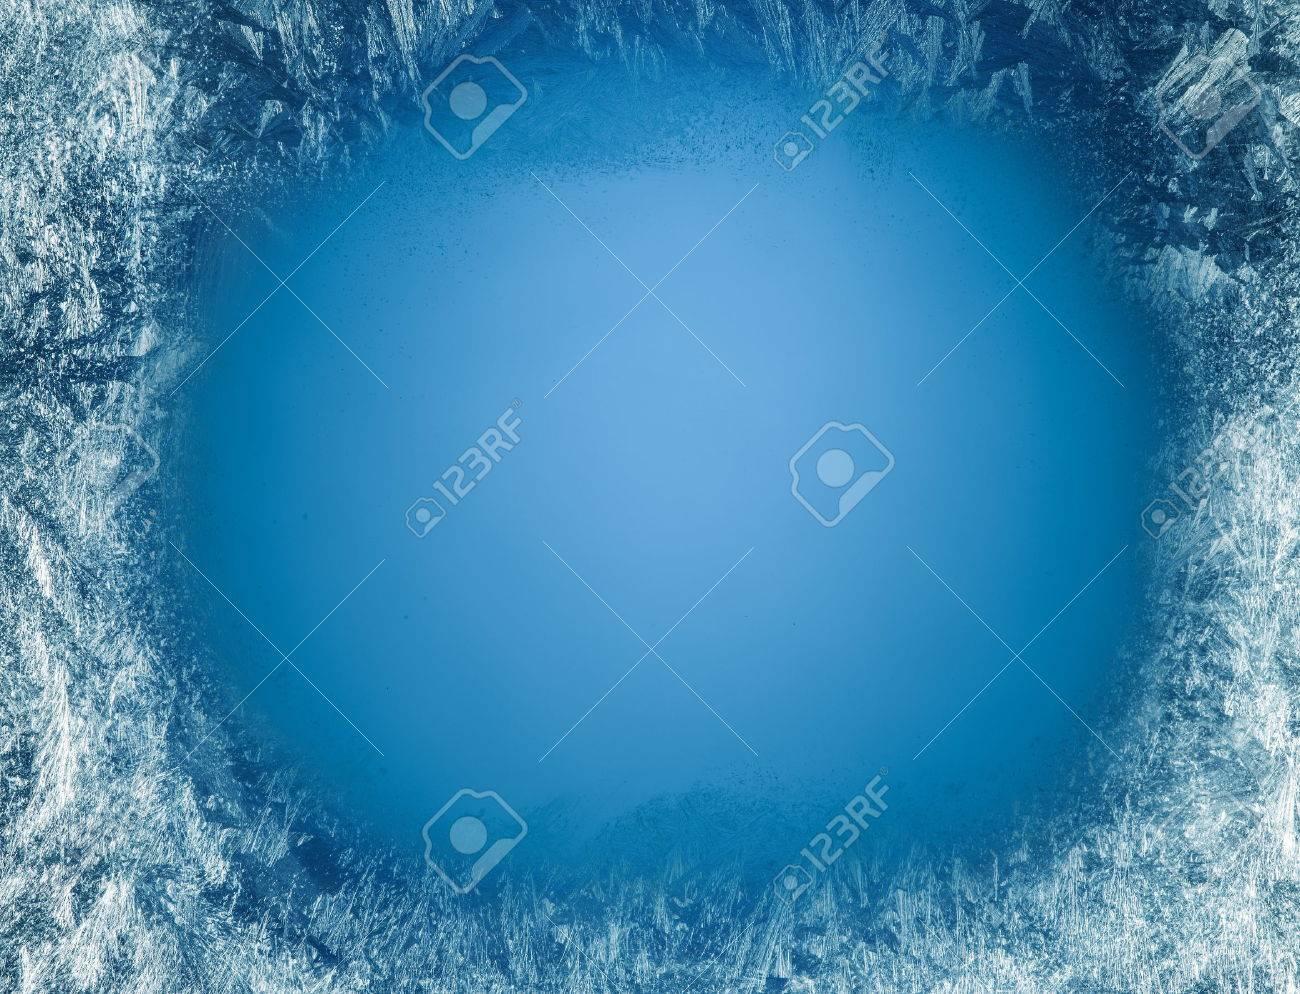 Frosty patterns on the edge of a frozen window. Standard-Bild - 49092187